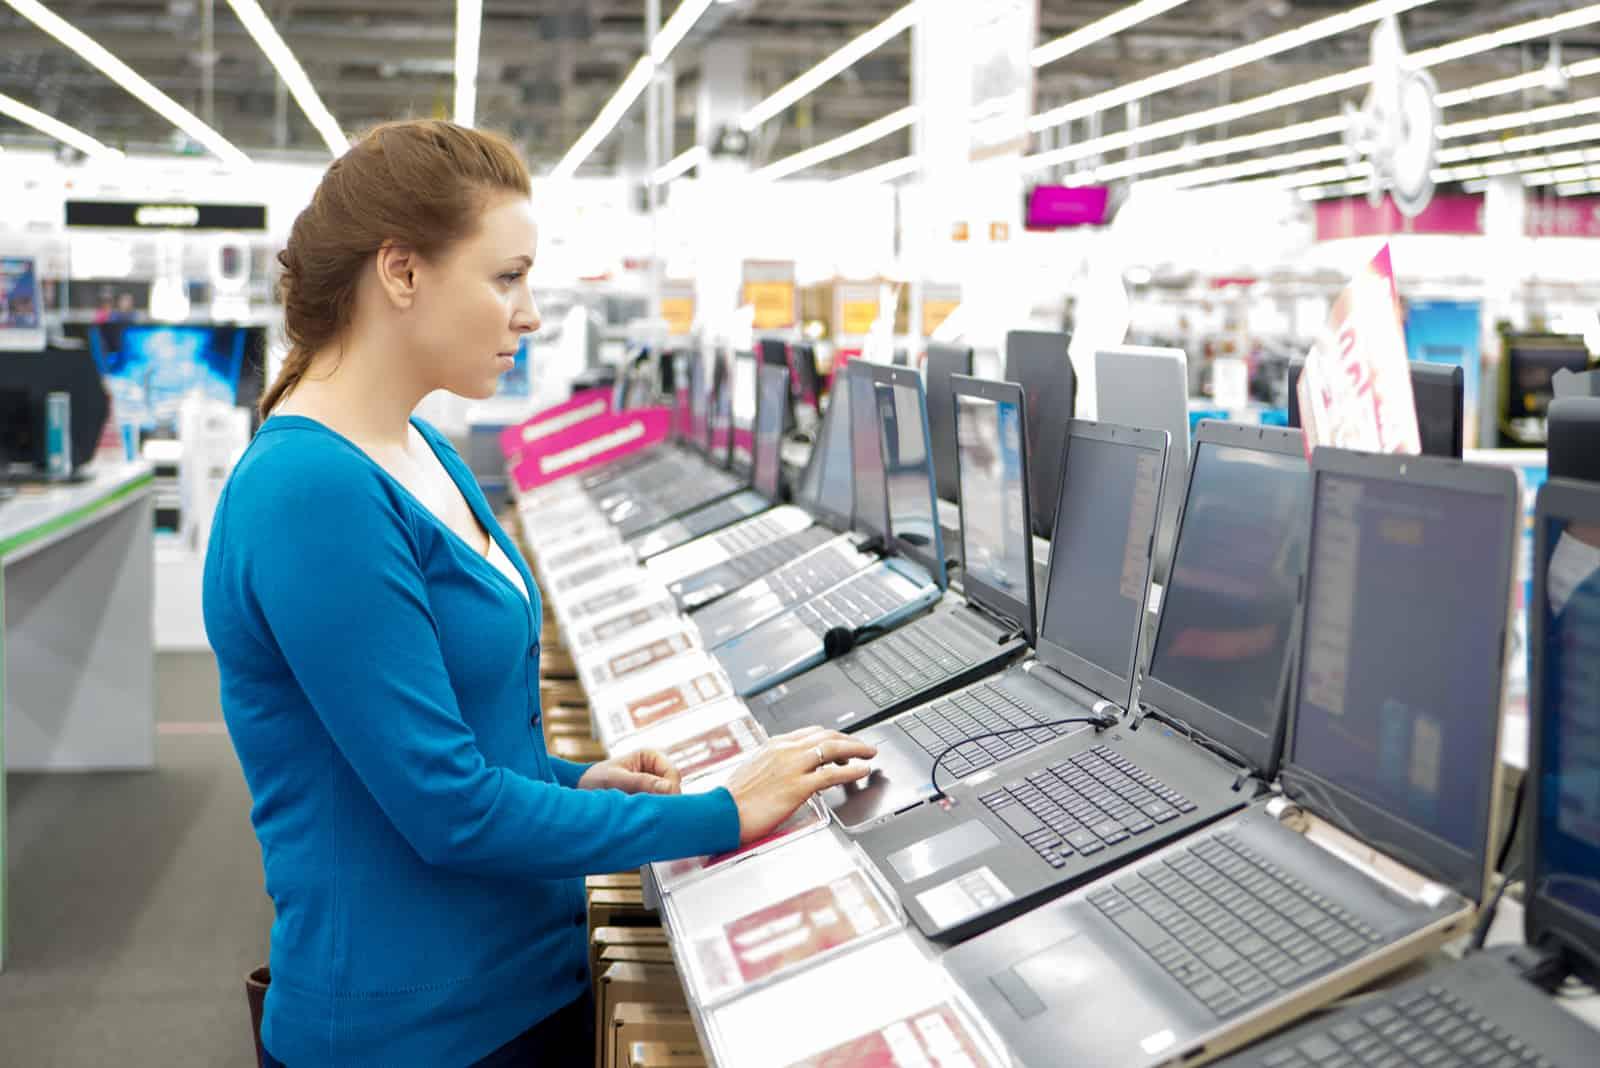 femme achetant un ordinateur portable en magasin